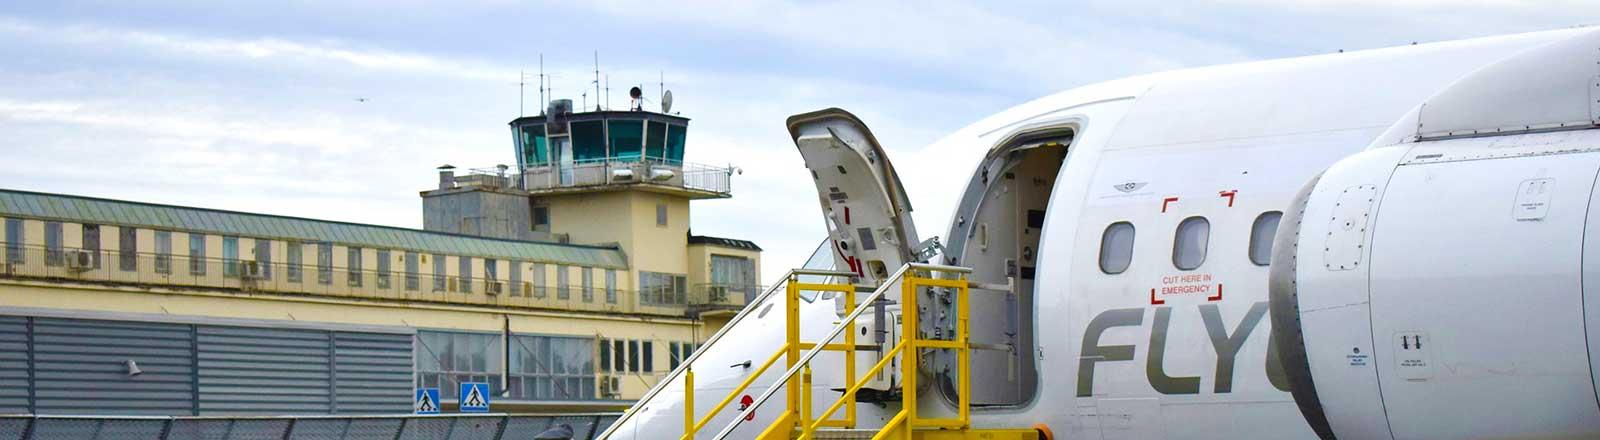 Flyga från Bromma eller Arlanda?